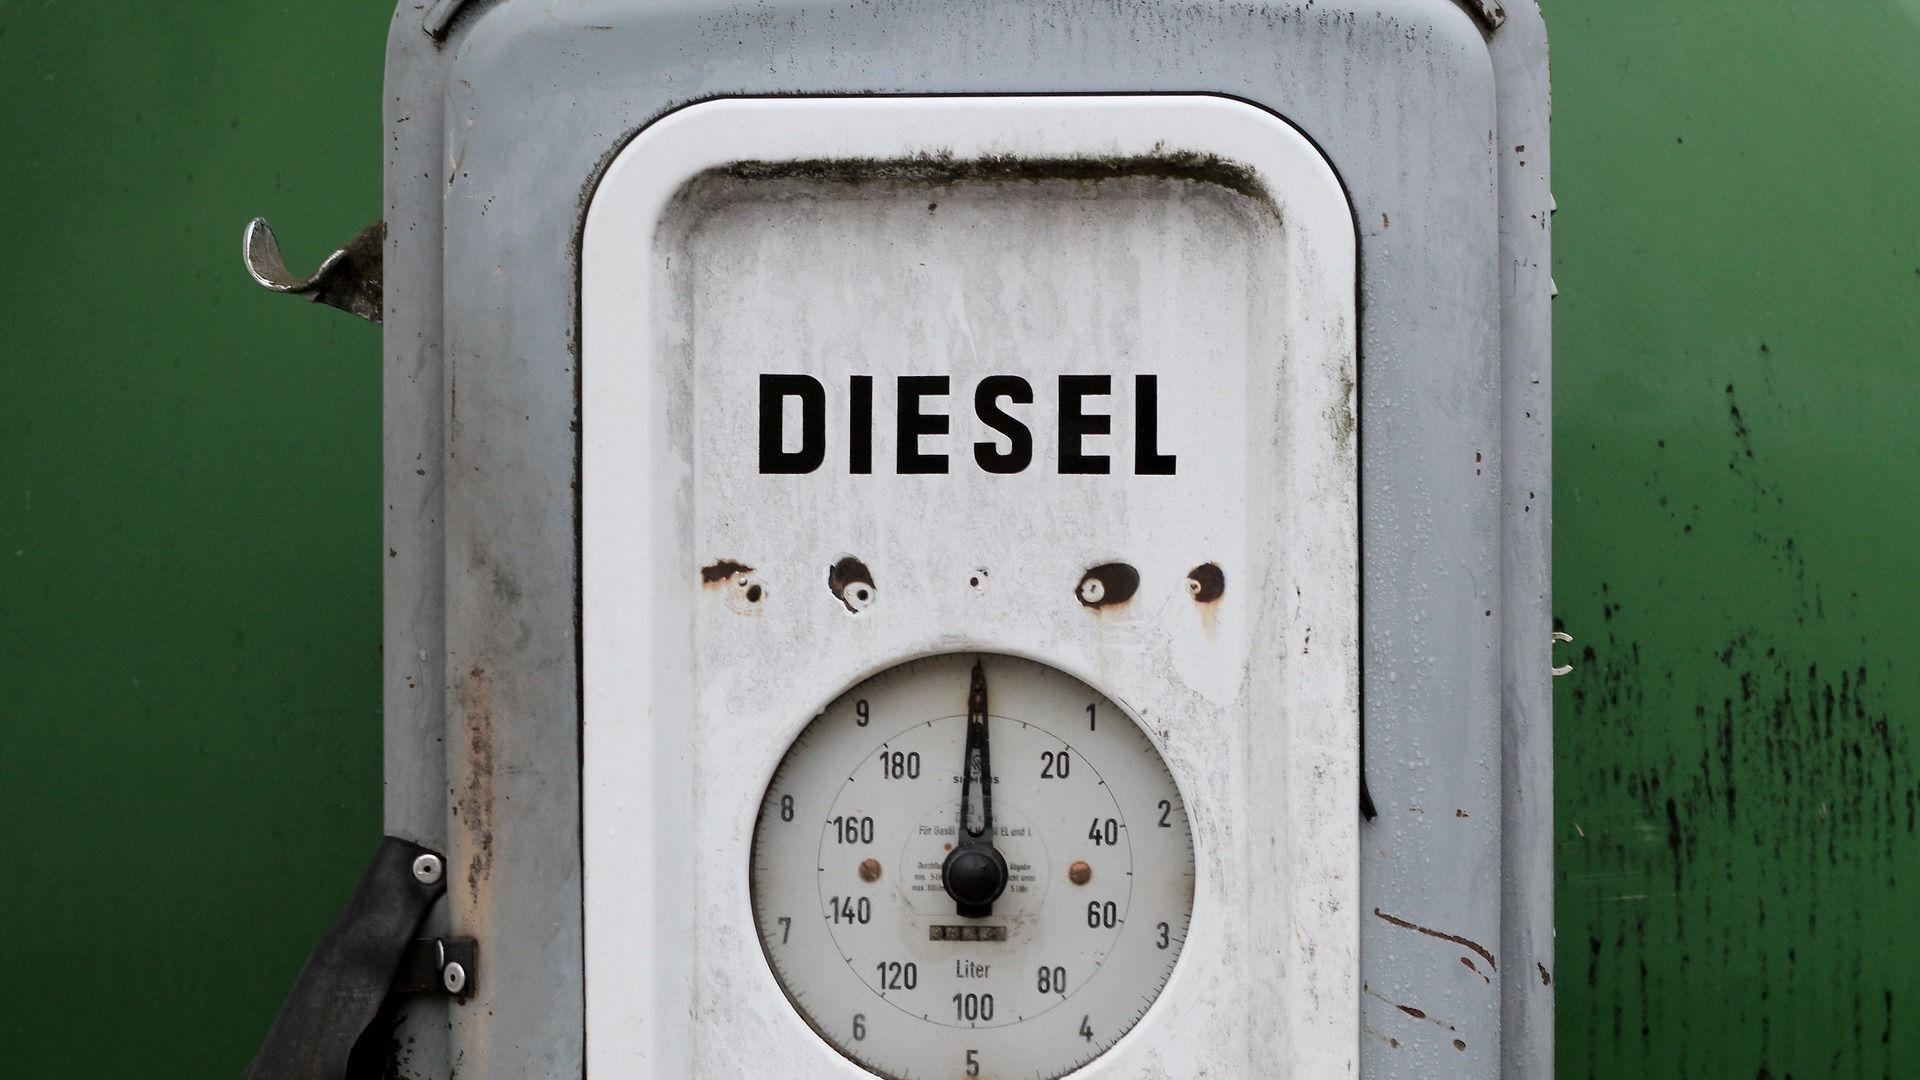 Diesel - Sputnik Polska, 1920, 03.08.2021